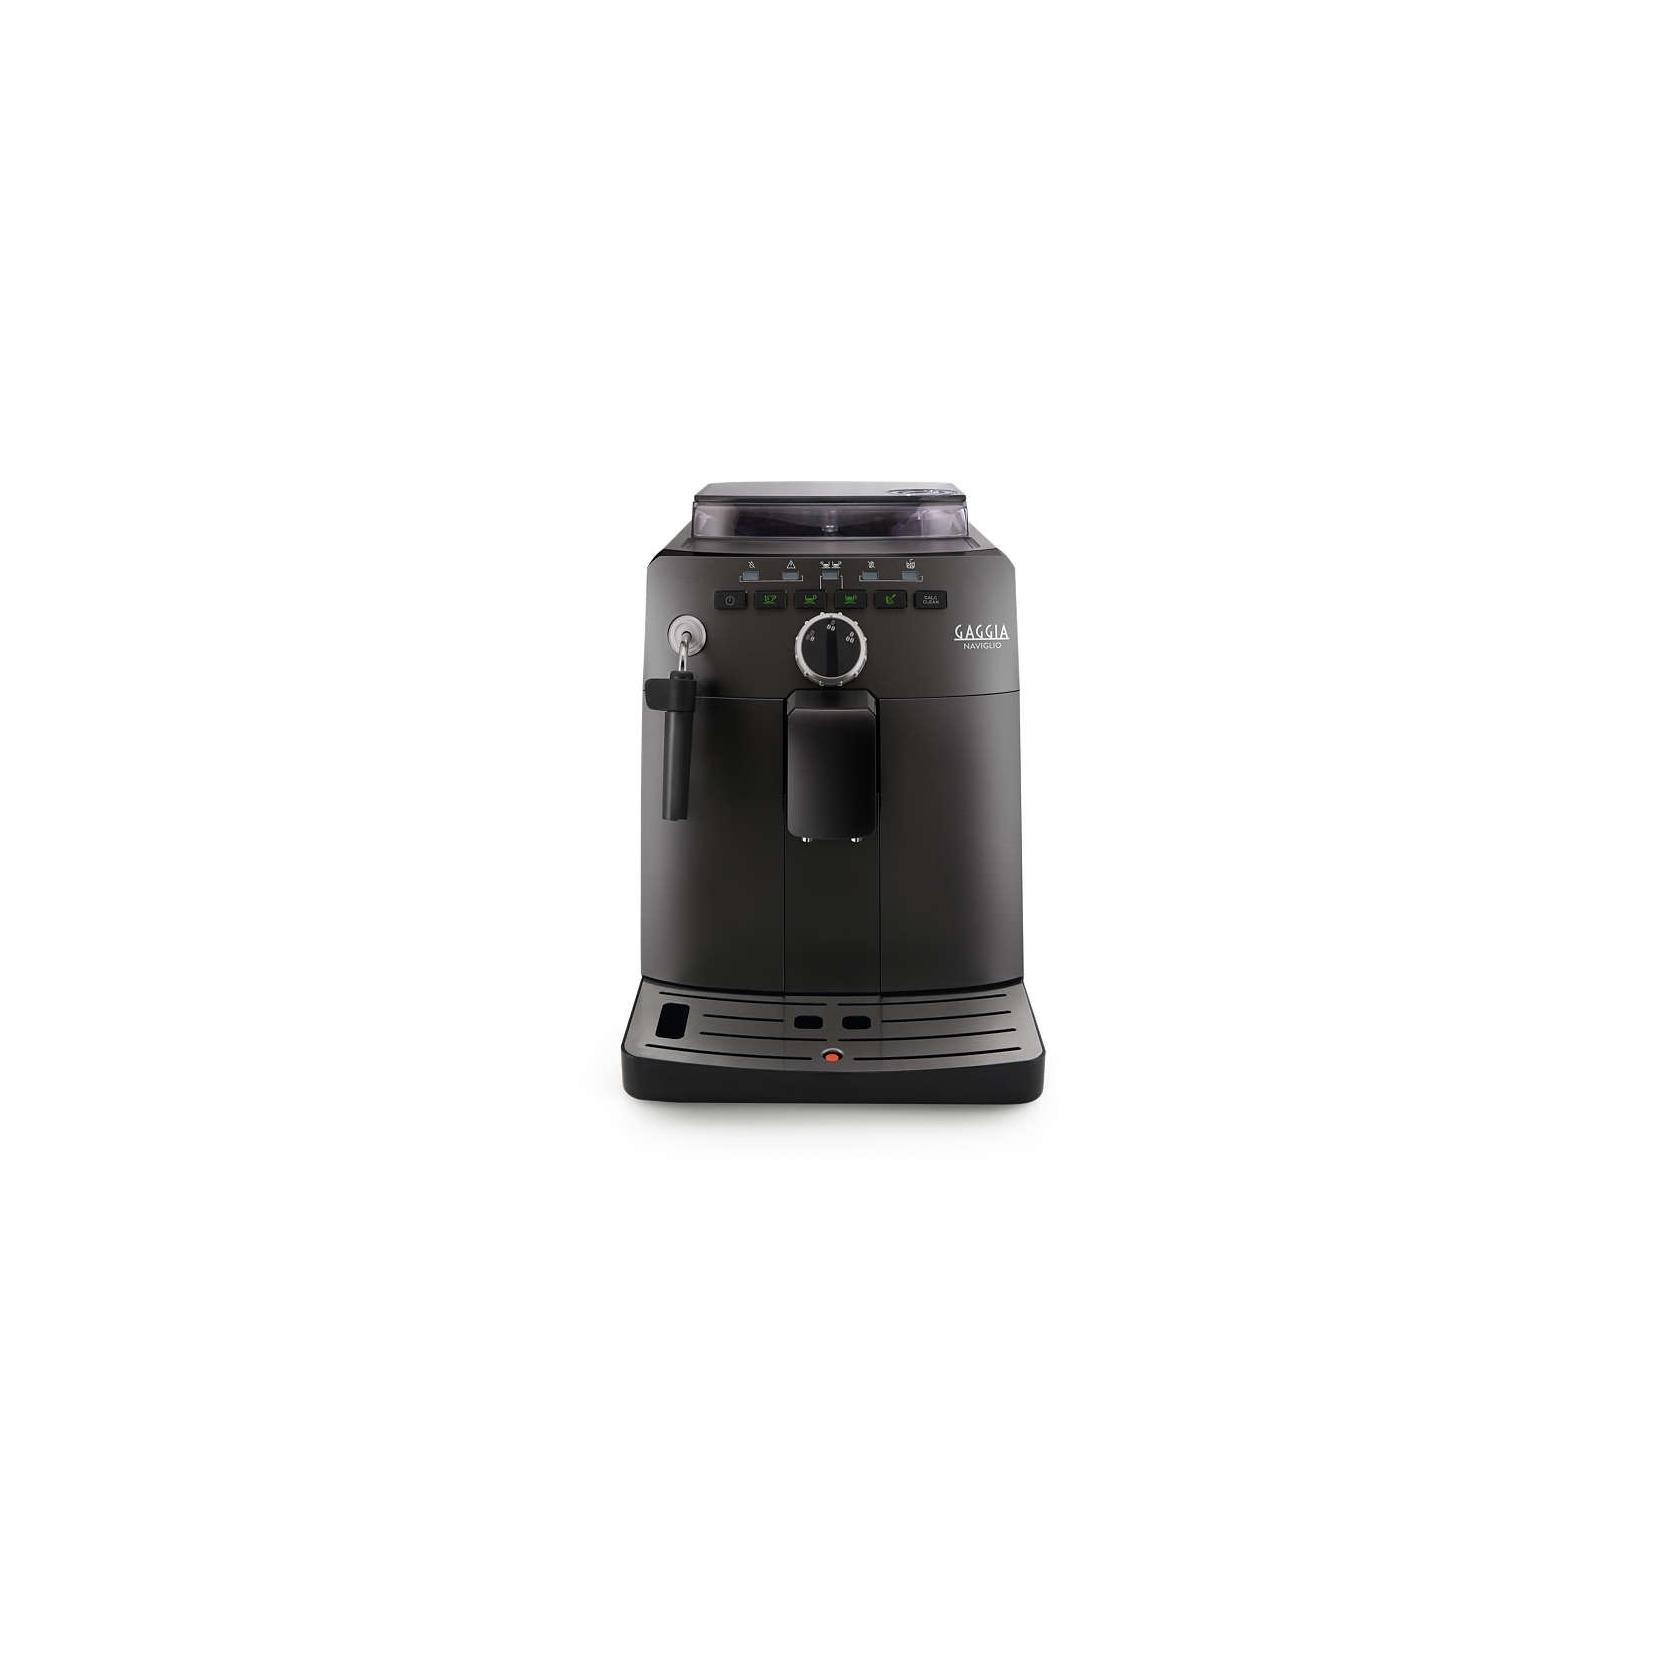 MACCHINA DA CAFFE GAGGIA NAVIGLIO BLACK HD874901 GARANZIA ITALIA  Elettrovillage